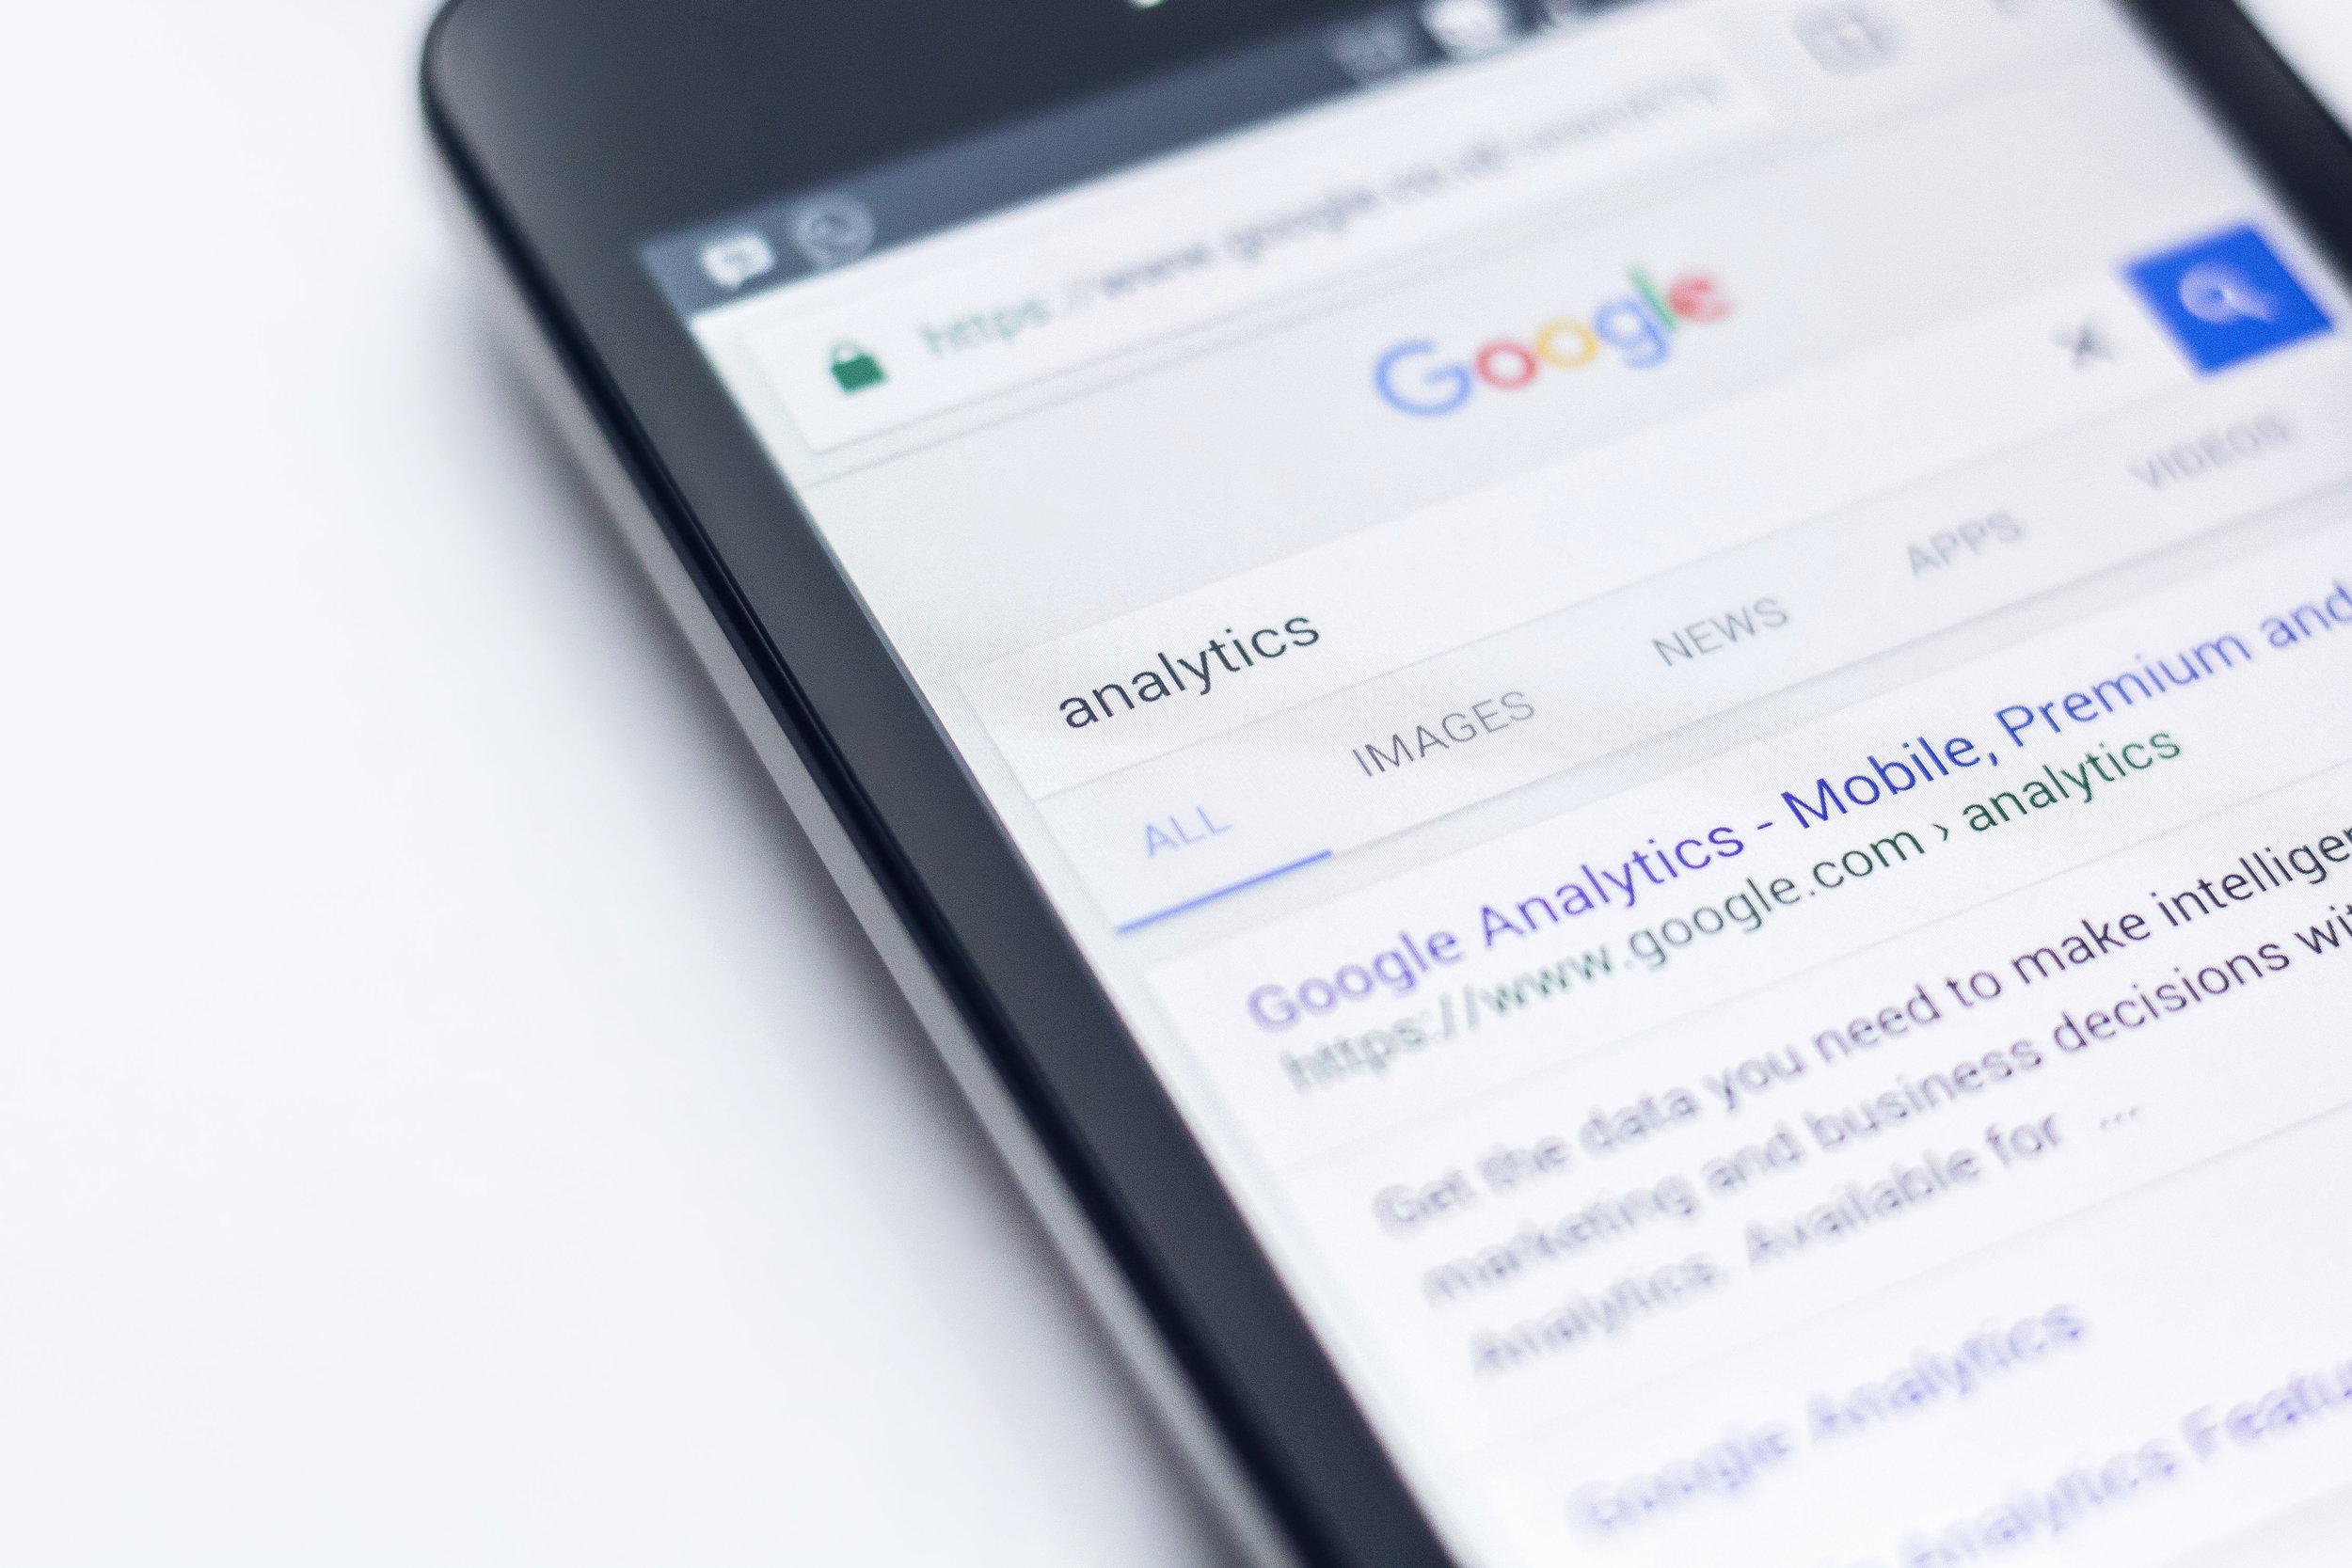 google analytics pro in des moines